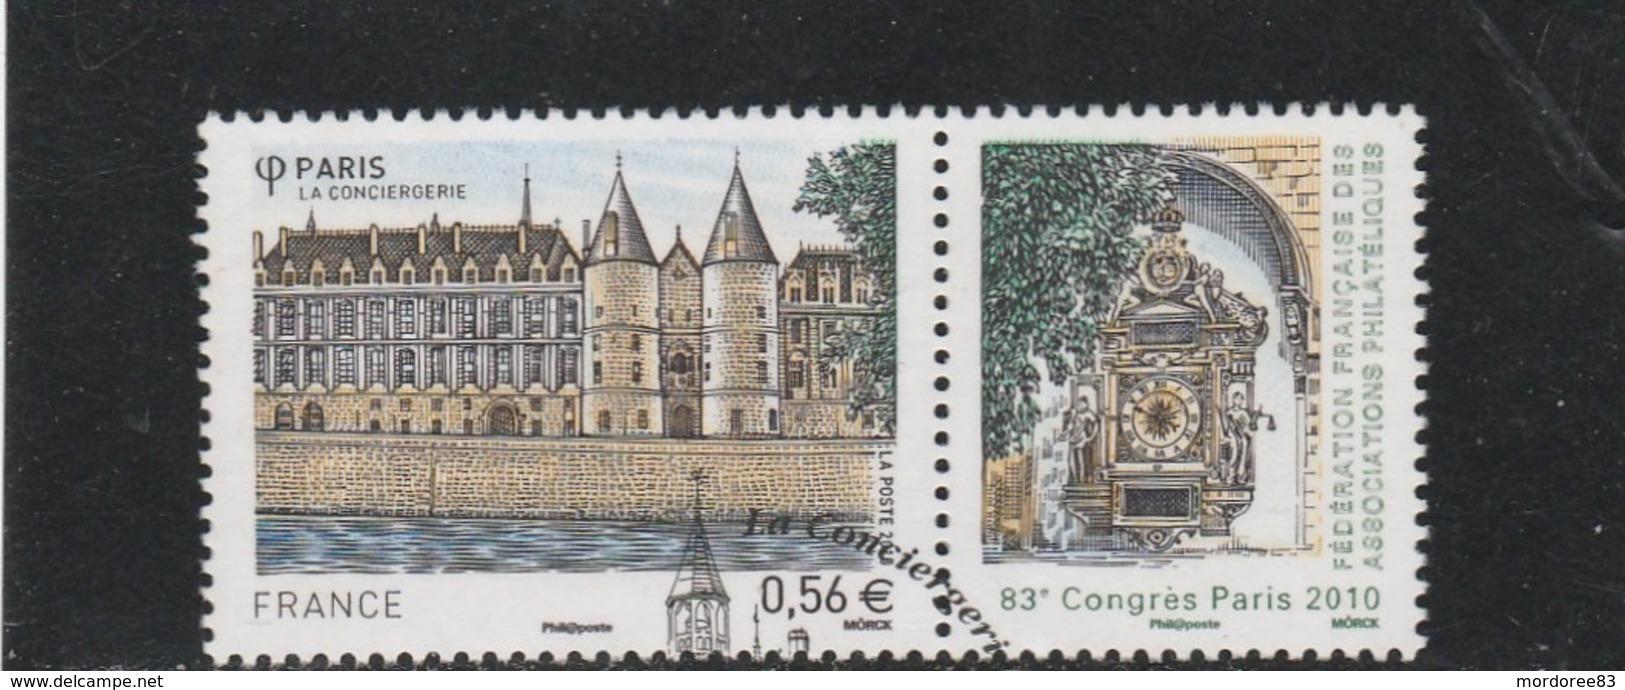 FRANCE 2010 LA CONCIERGERIE OBLITERE A DATE YT 4494 - Frankreich